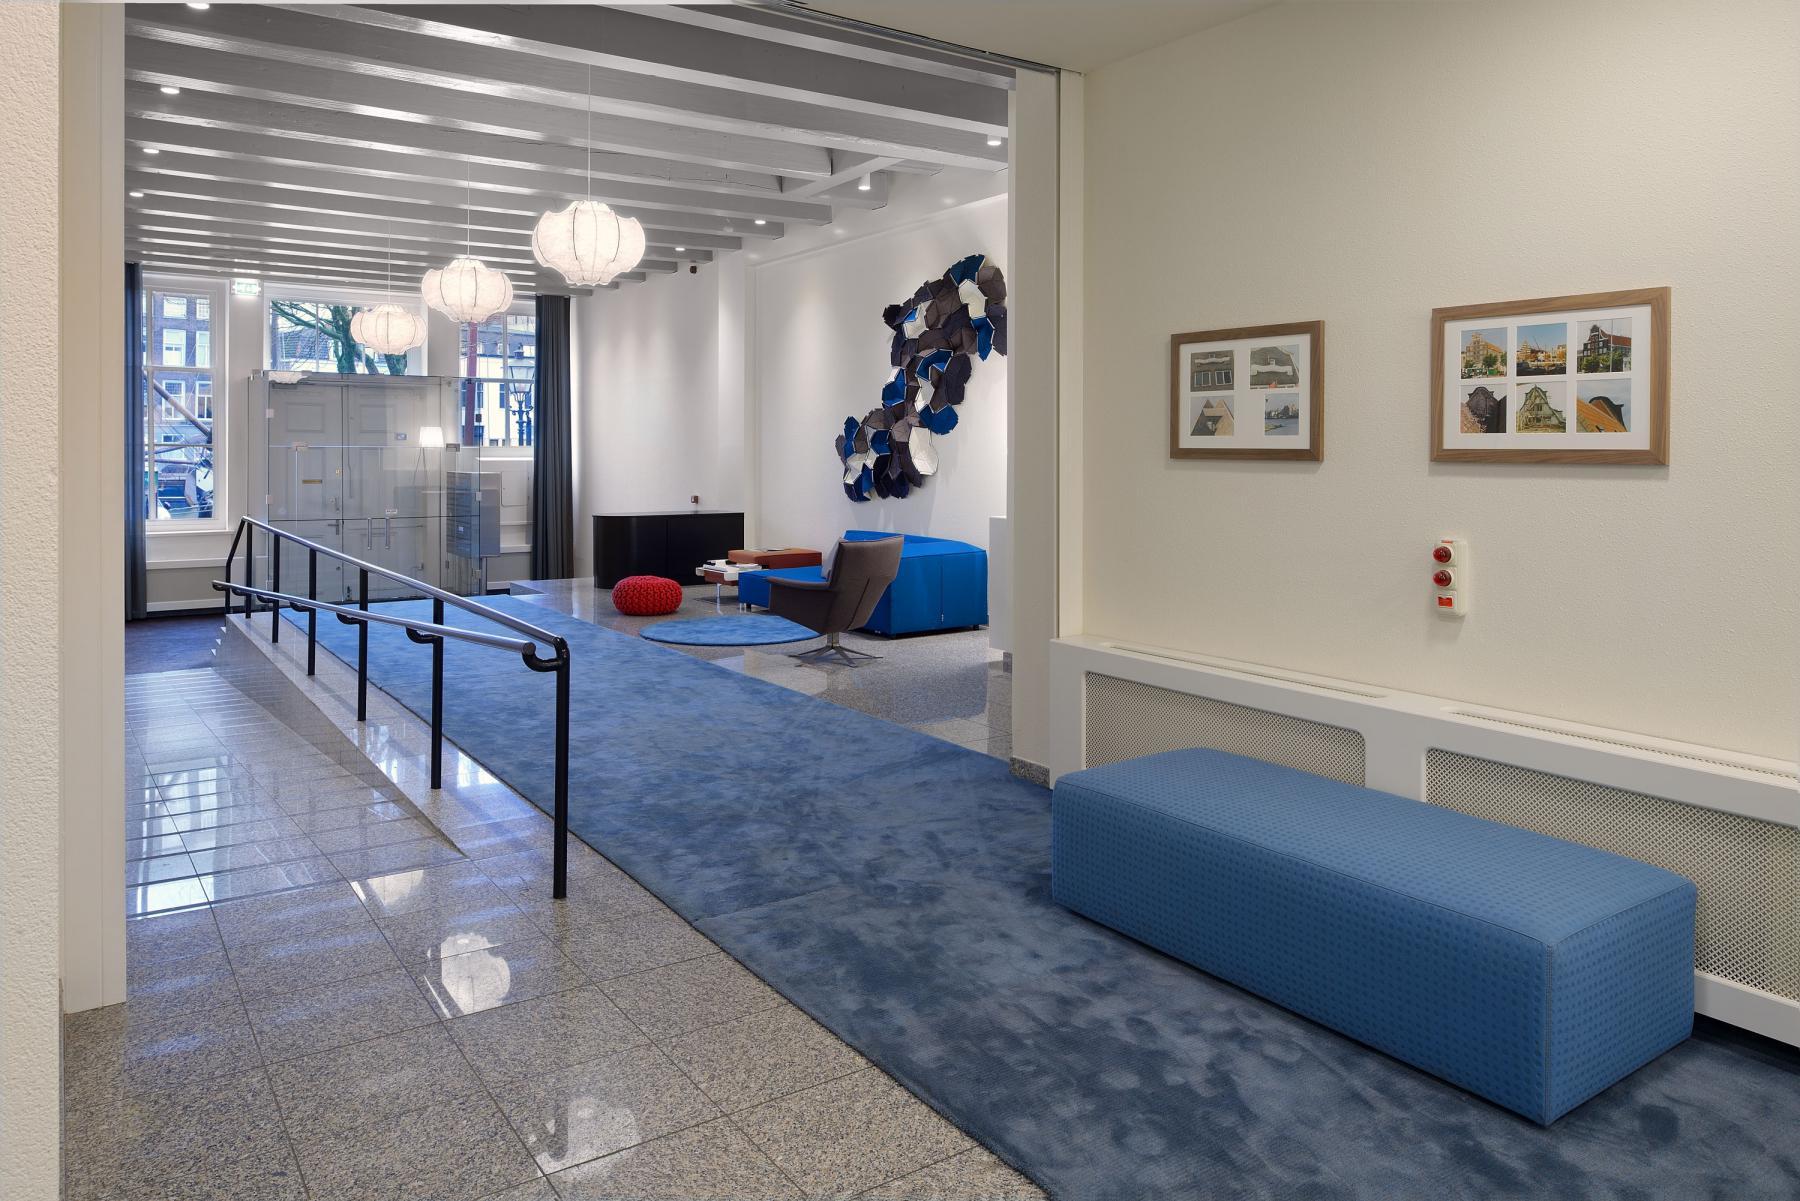 kantoorruimte huren dordrecht wolwevershaven loungebank kantoor dordrecht gang muurschilderij